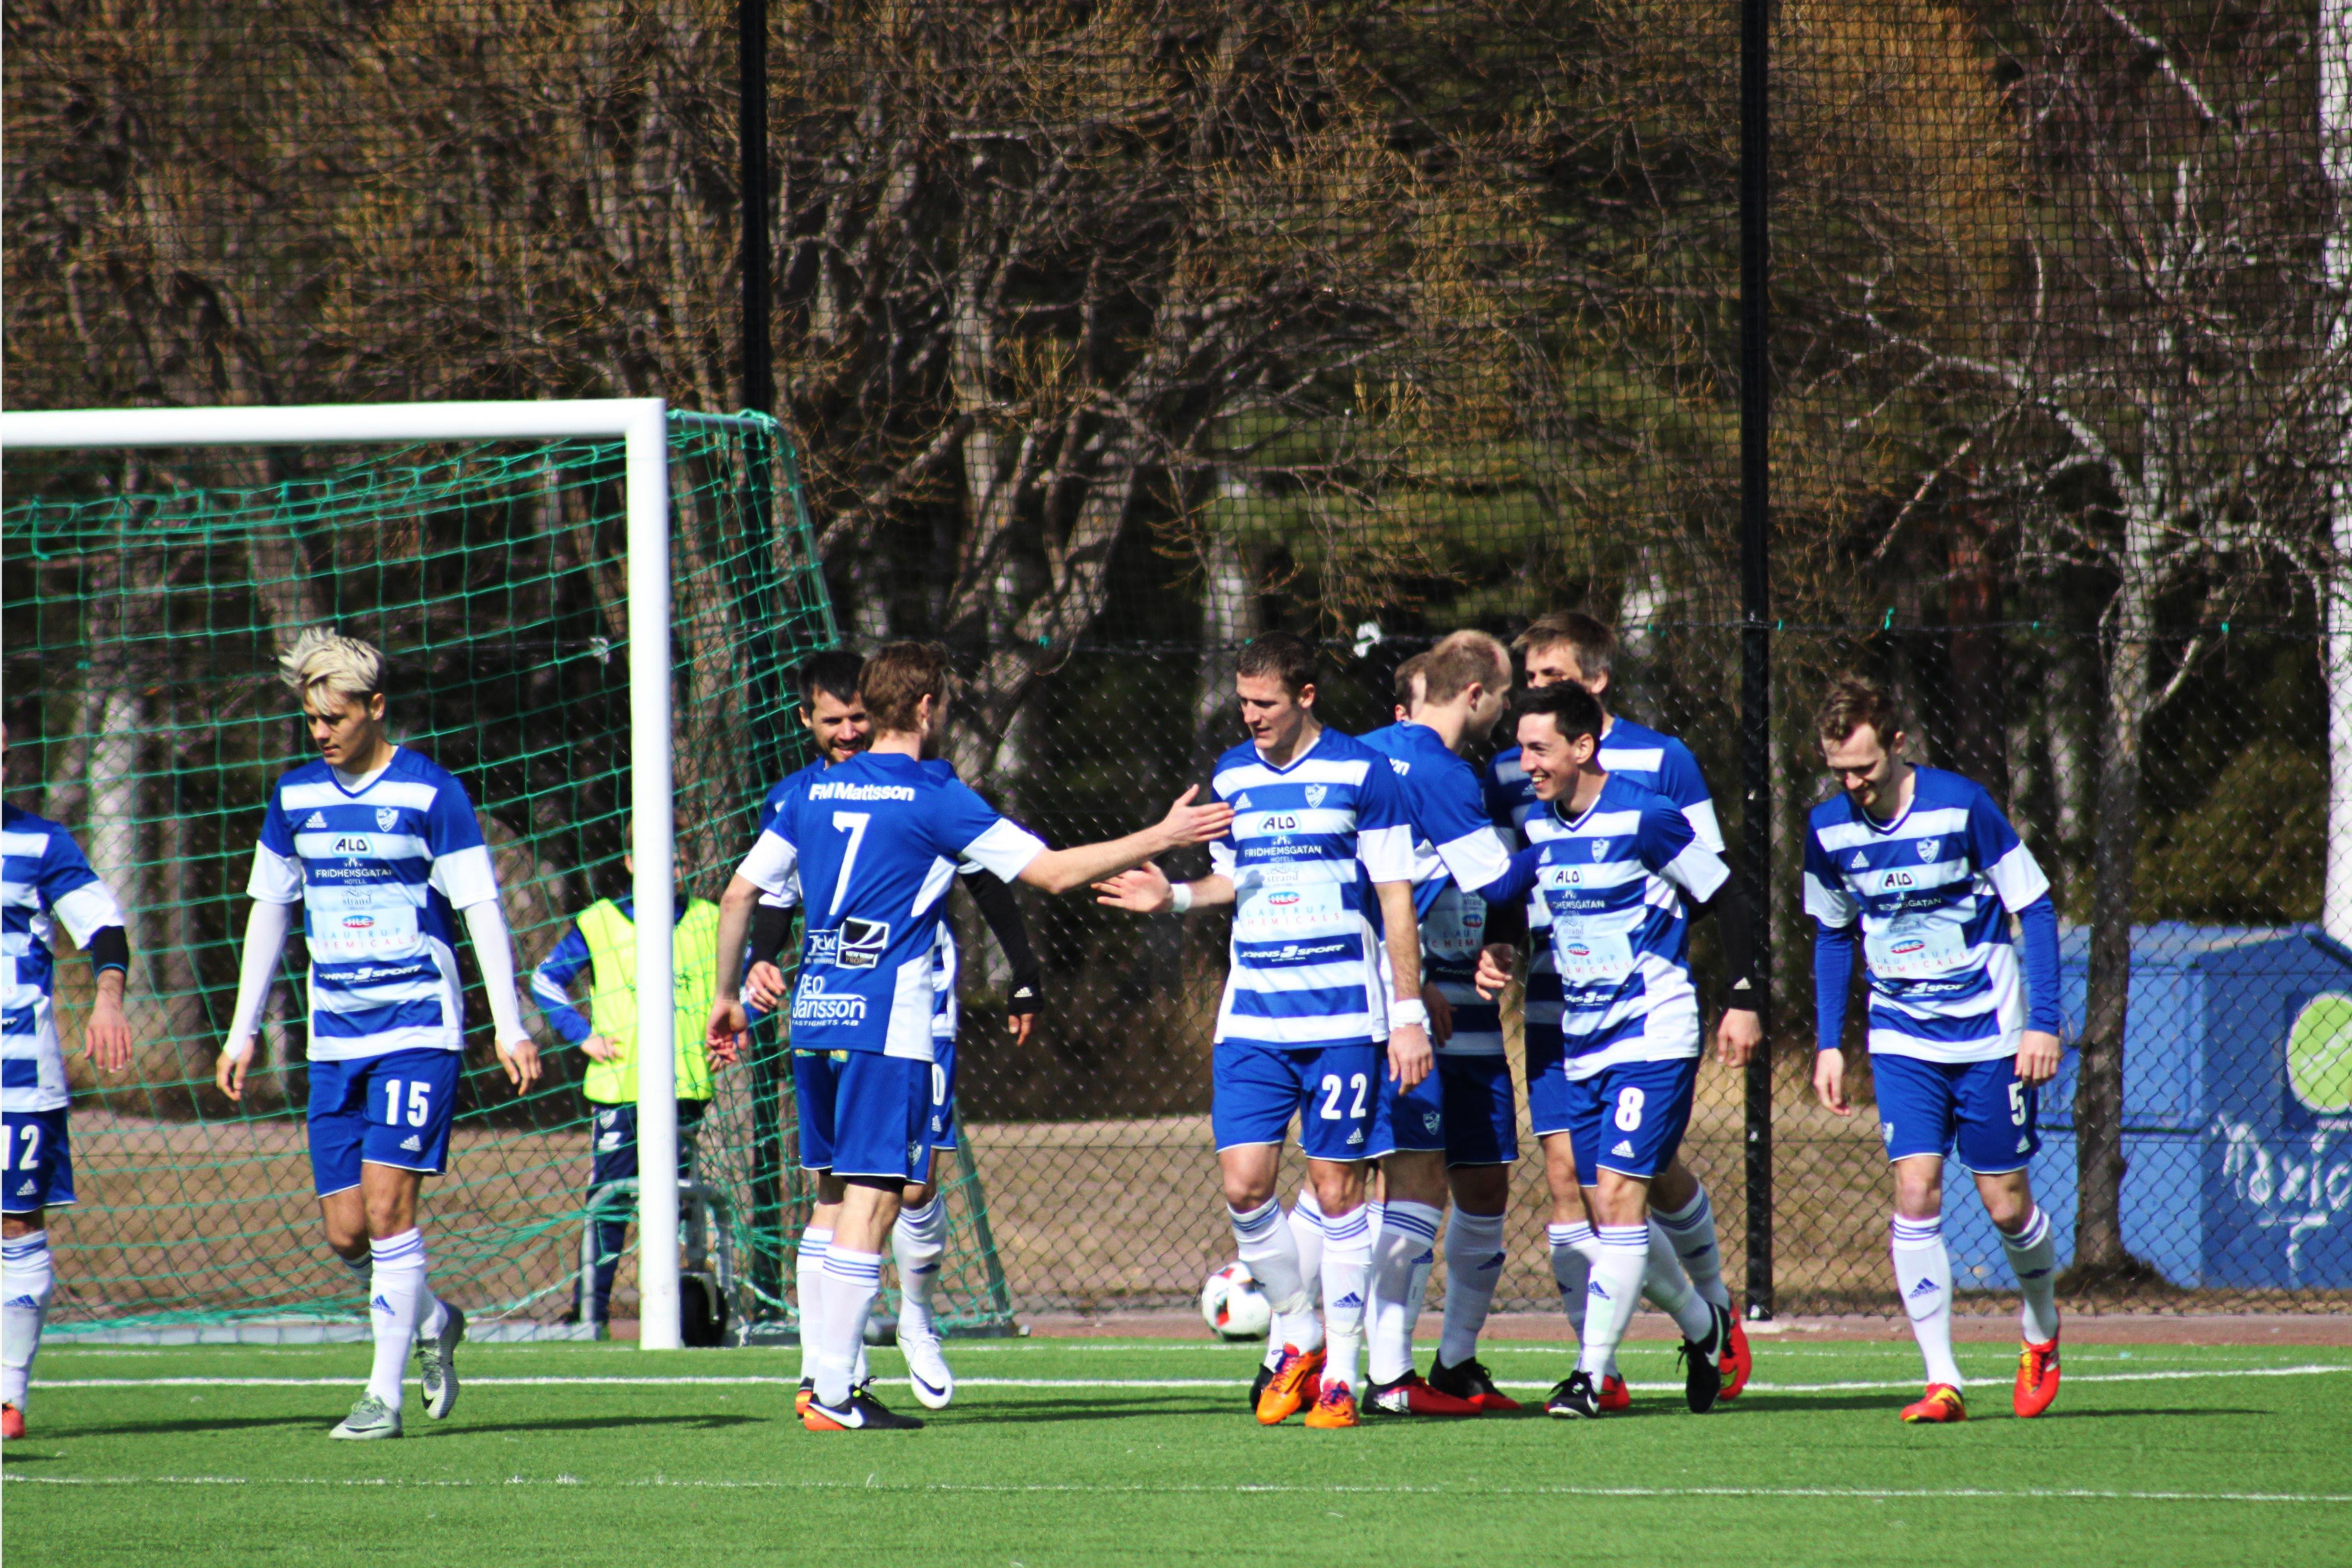 Fotboll herrar IFK Mora FK - Säter IF FK